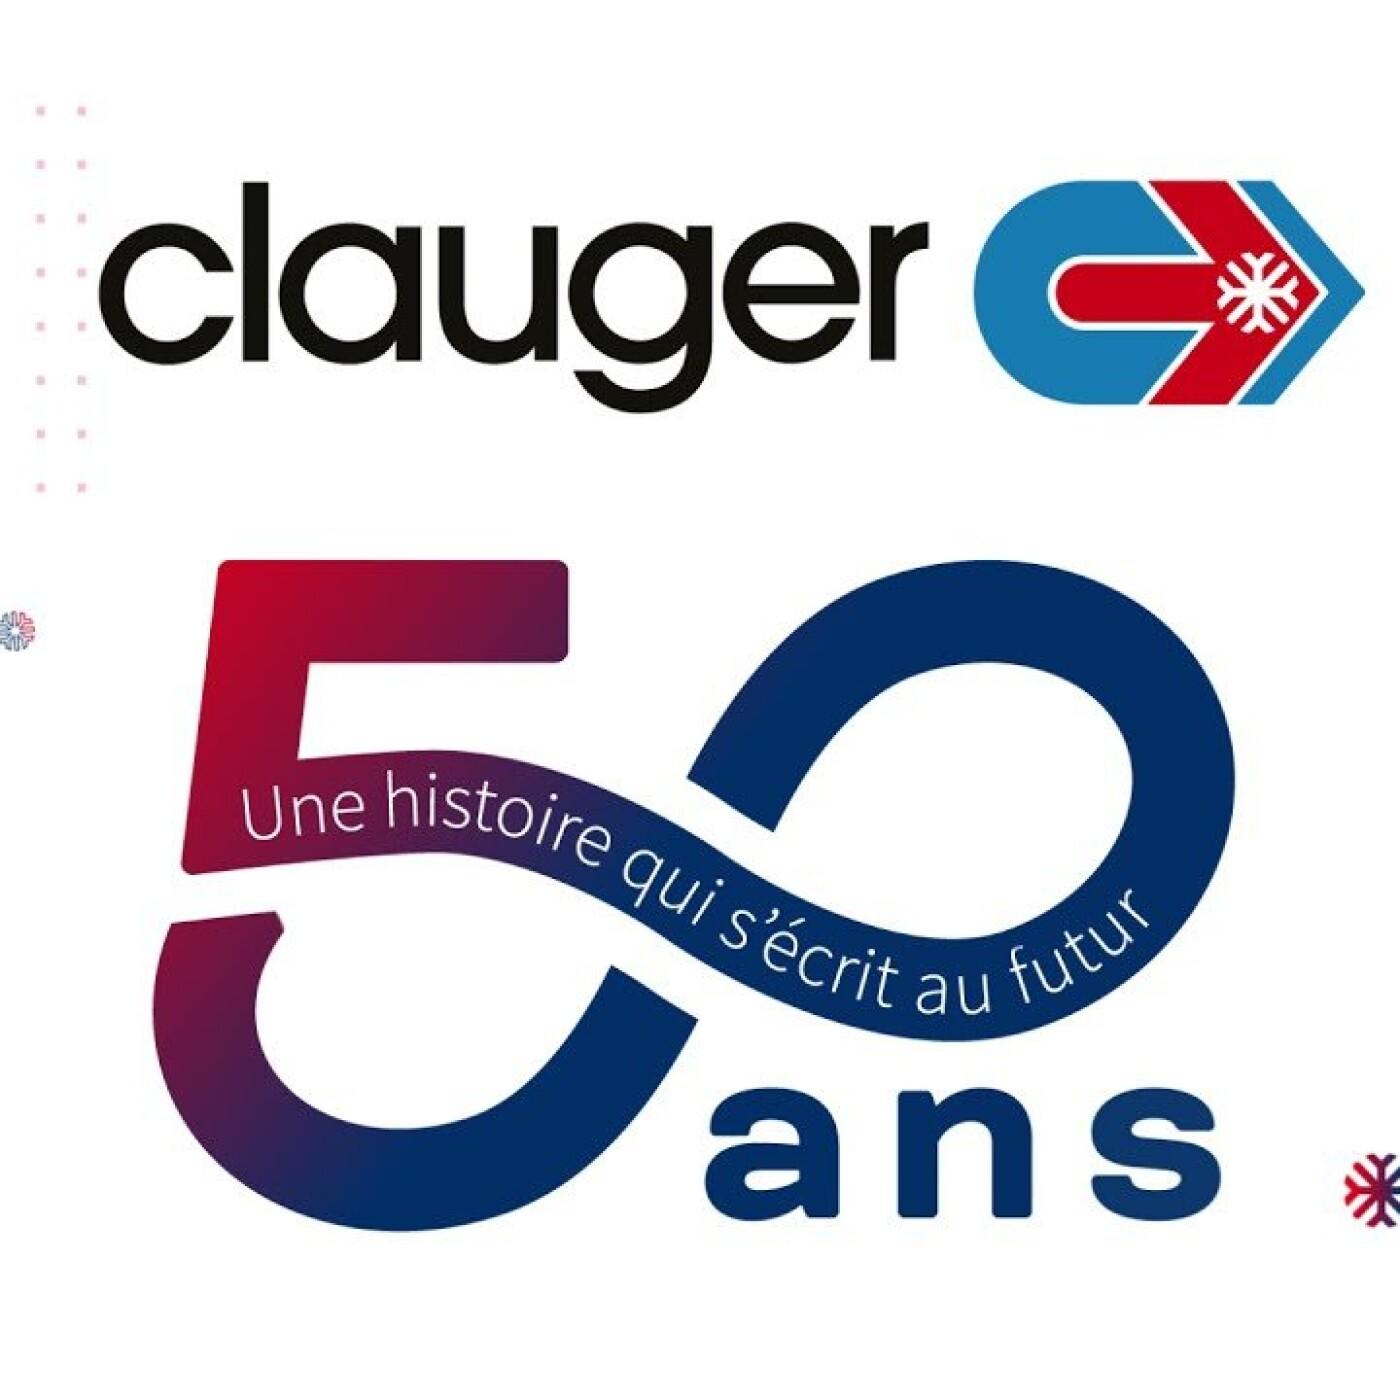 Paul Minssieux parle des 50 ans de sa boite Française présente à l'international Clauger - 05 10 2021 - StereoChic Radio